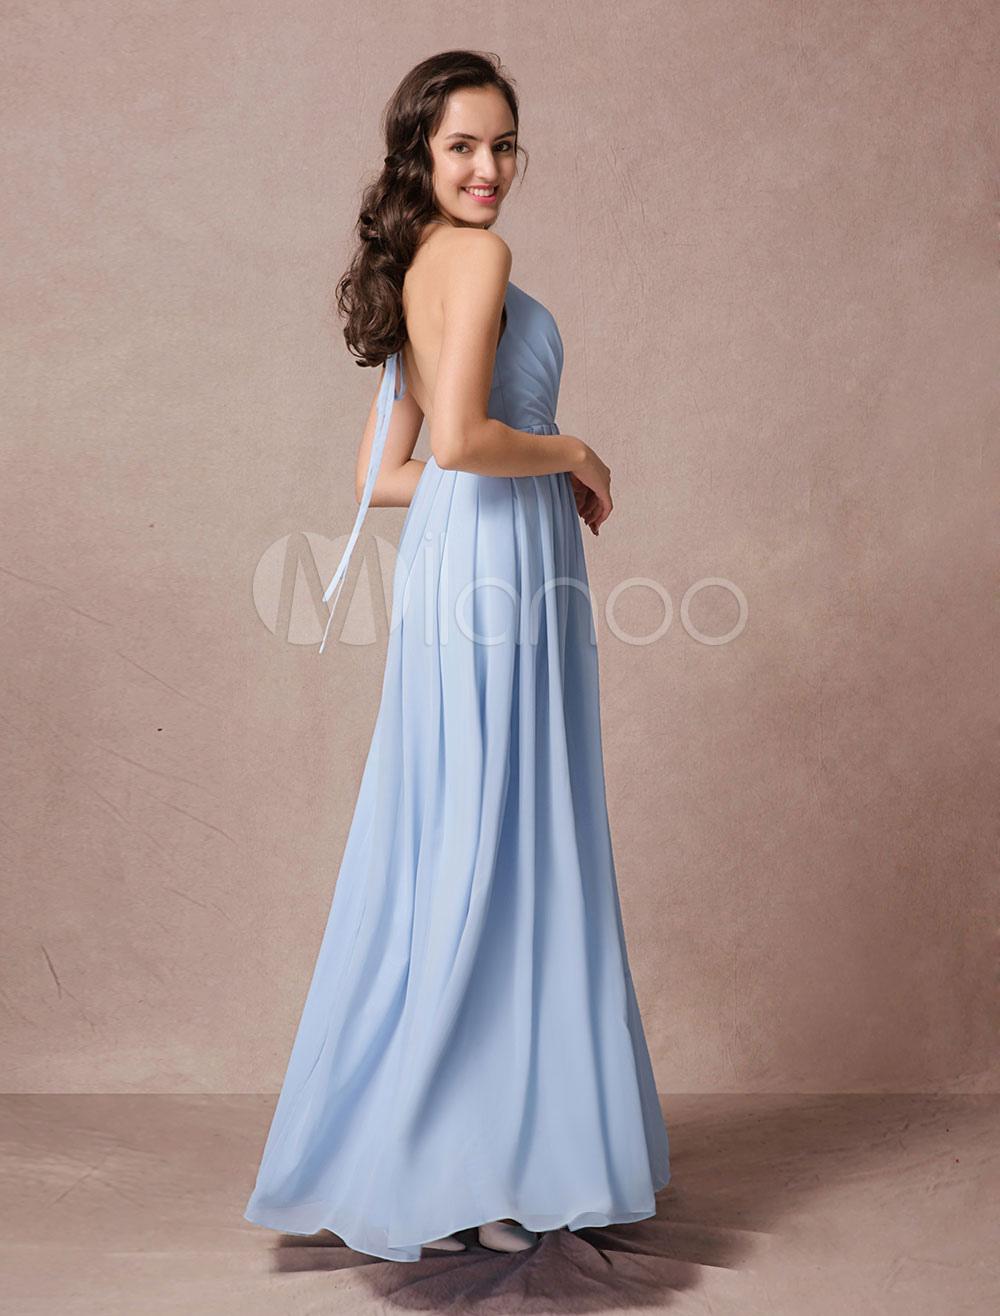 Comprar Vestidos en pc-ios.tk, descubre las novedades en la categoría Vestidos, haz tu pedido ahora.